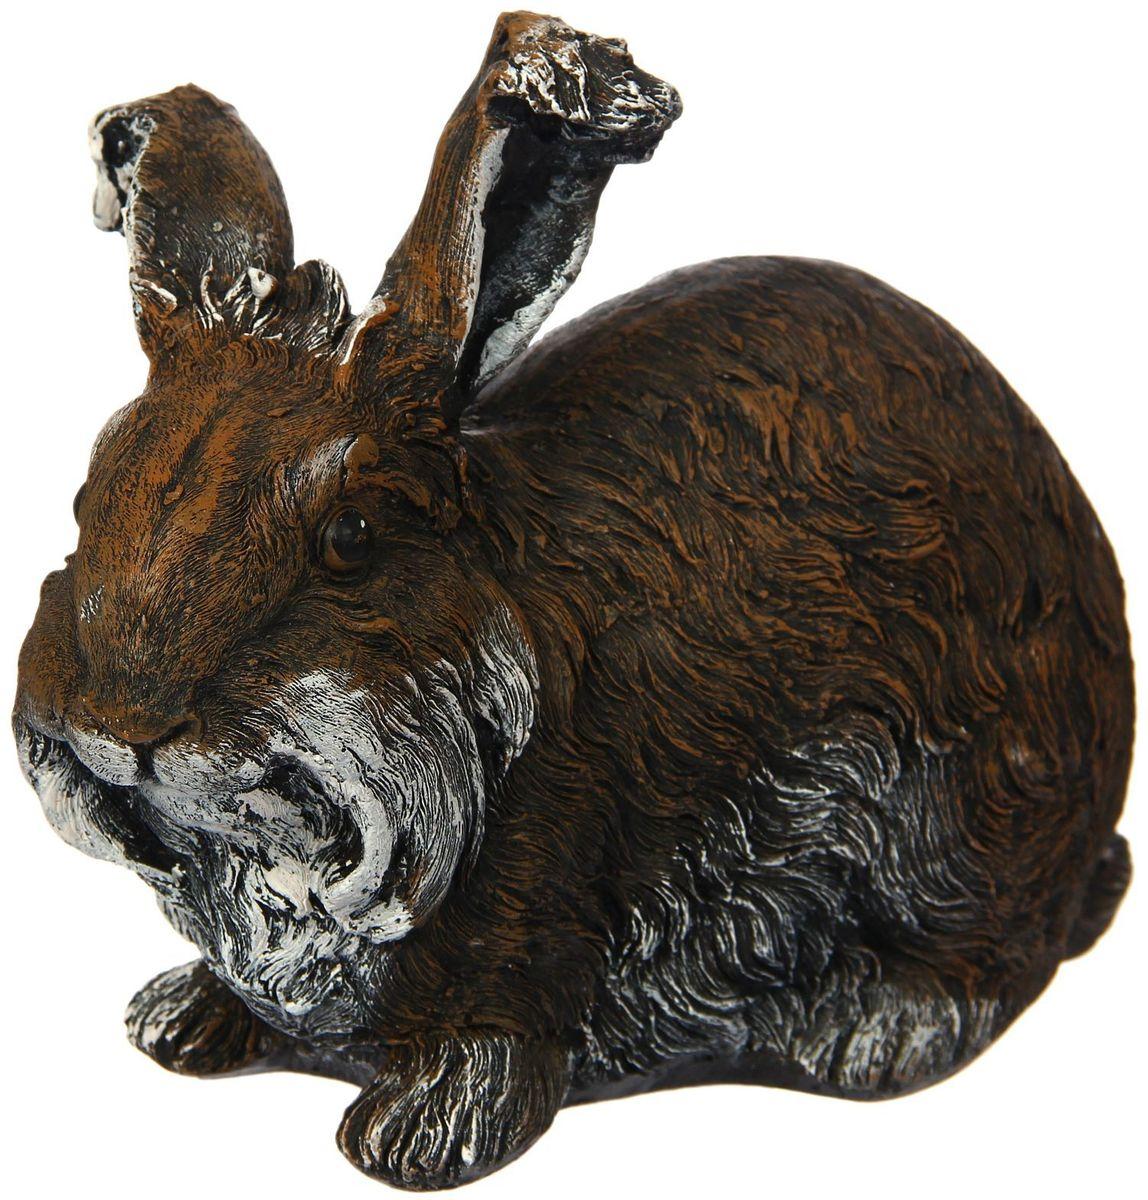 Фигура садовая Premium Gips Кролик, 23 х 12 х 18 см1423166Садовая фигура Кролик - прекрасный выбор для комфортного отдыха и эффективного труда на даче, который будет радовать вас достойным качеством.Изделие изготовлено из гипса.